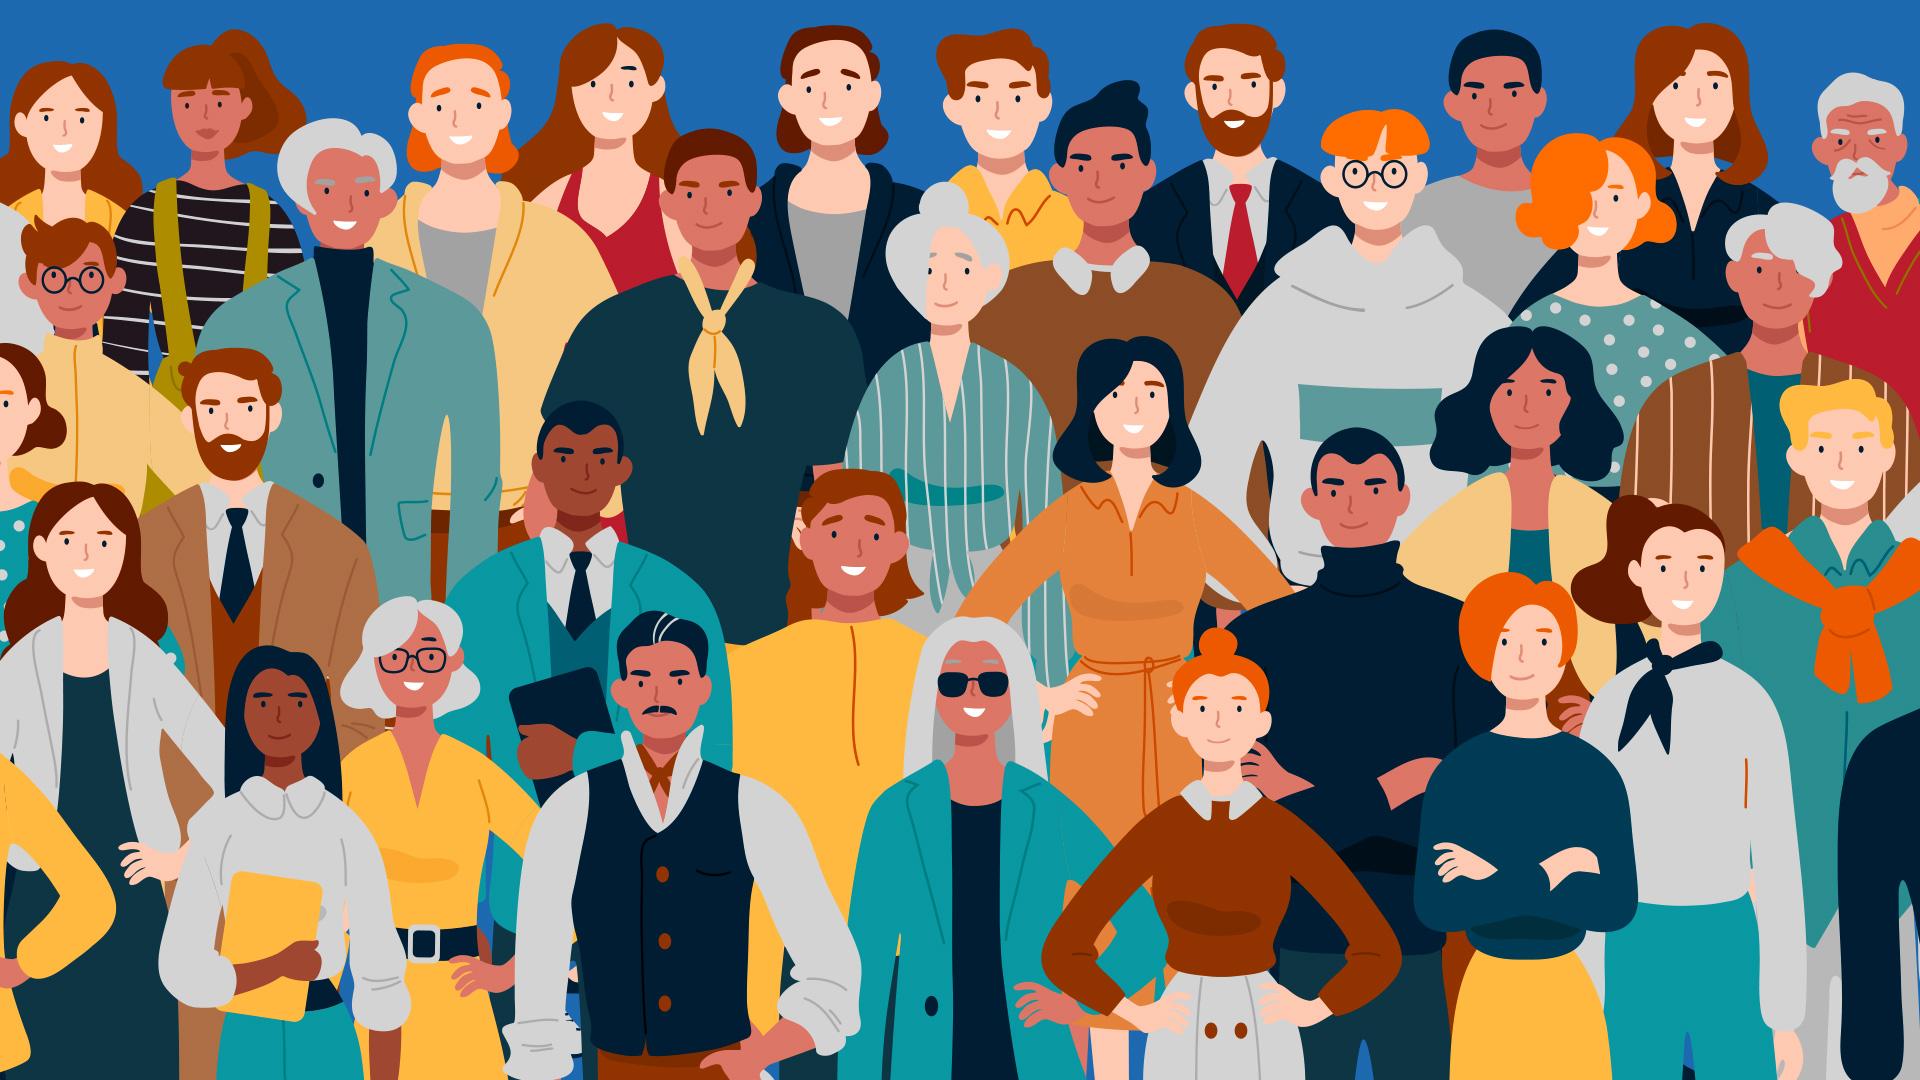 Ilustração de pessoas de diversos gêneros e raças.